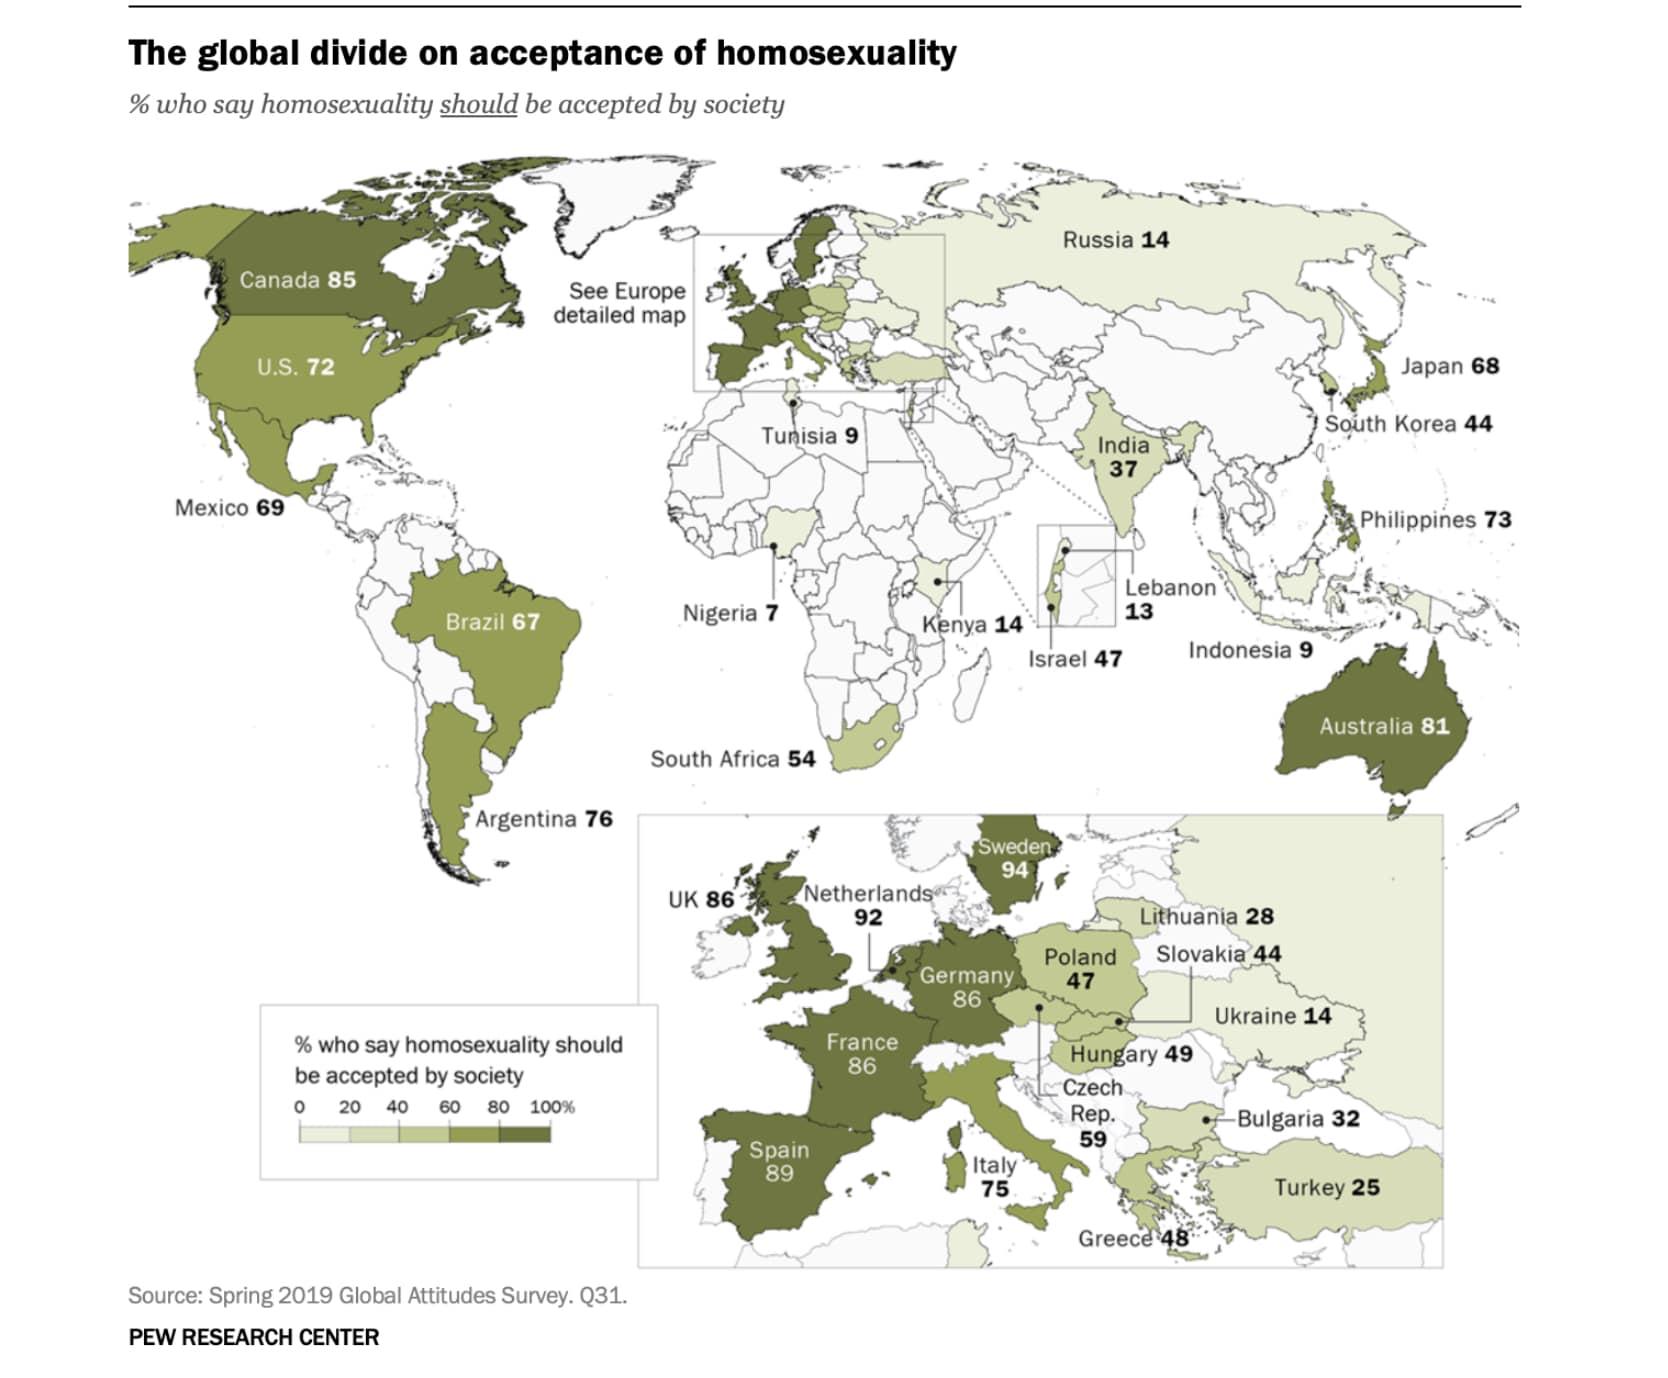 La mappa del Pew research center che afferma che l'Italia non è un Paese omofobo.